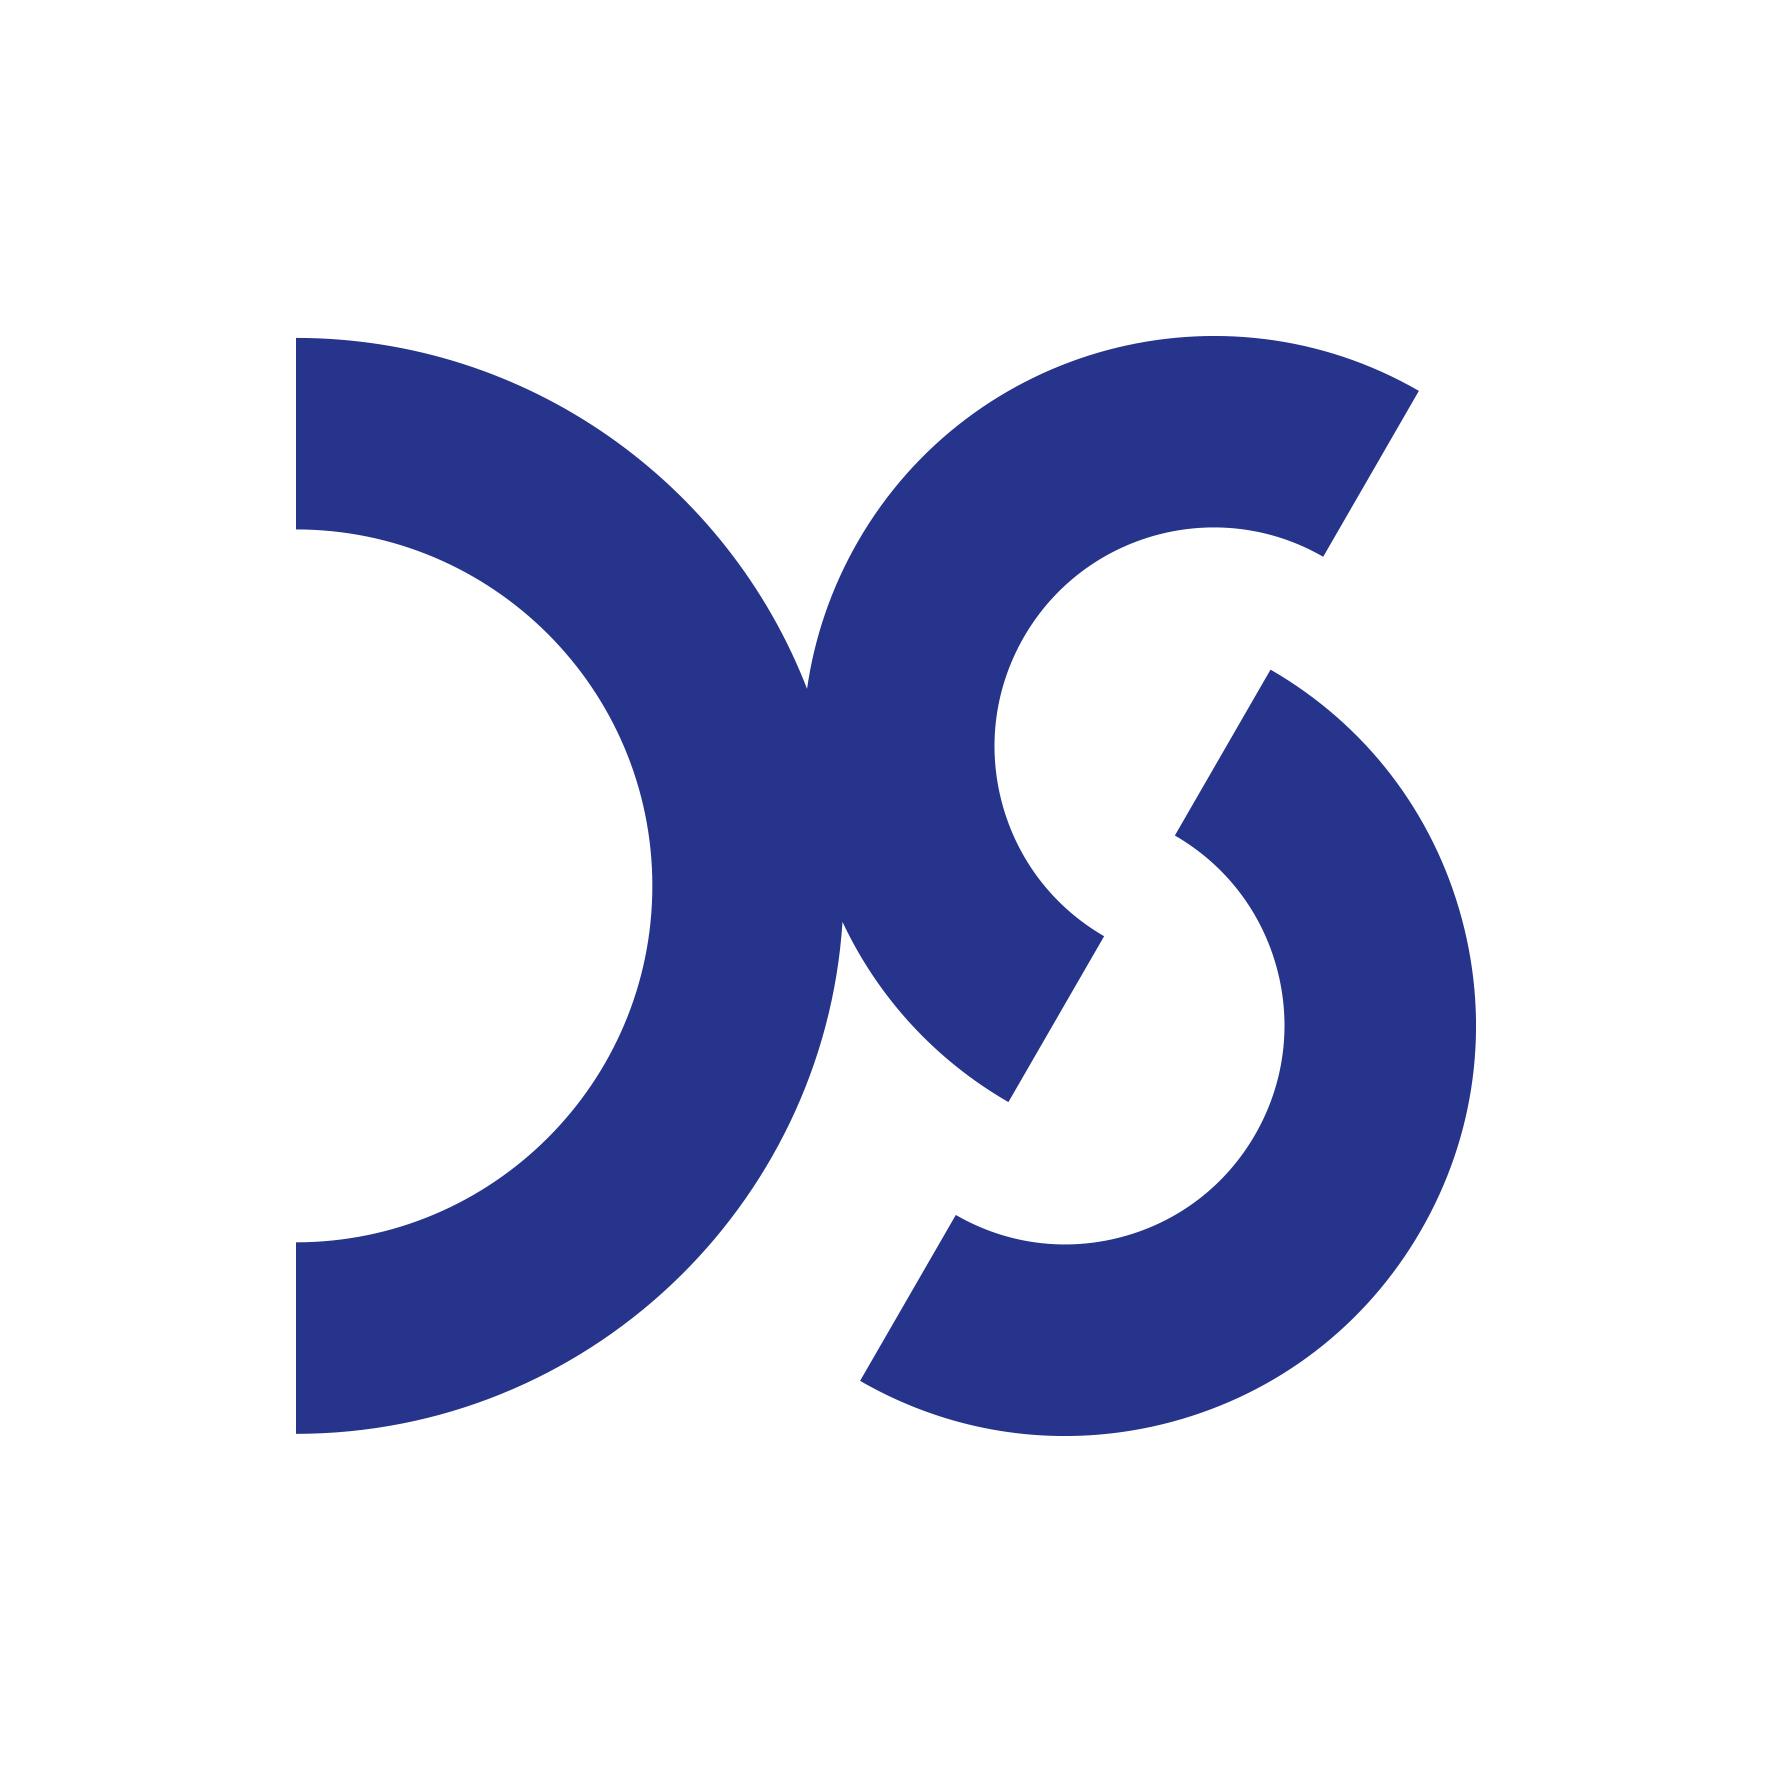 D&S logo rebranding